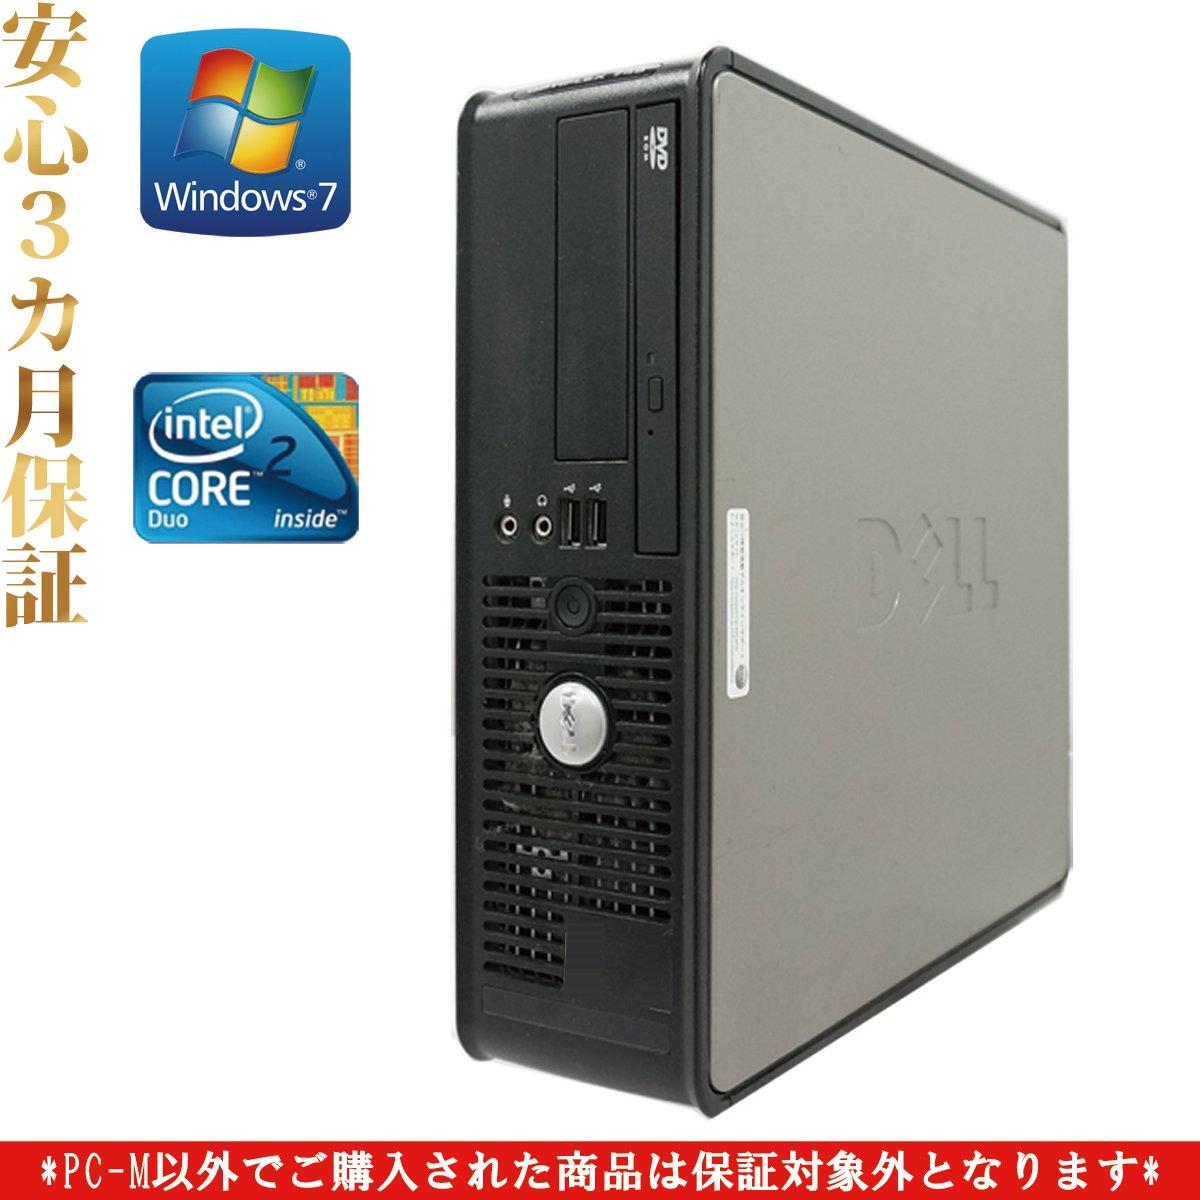 最高級 【Office2013搭載】DELL B00JJDEKGY 760/超爆速 新Core 2 Duo 2.8GHz 新Core 2/メモリ2GB/大容量250GB/win7 Pro 32Bit/DVDスーパーマルチ B00JJDEKGY, アカングン:6f3a2cad --- arbimovel.dominiotemporario.com